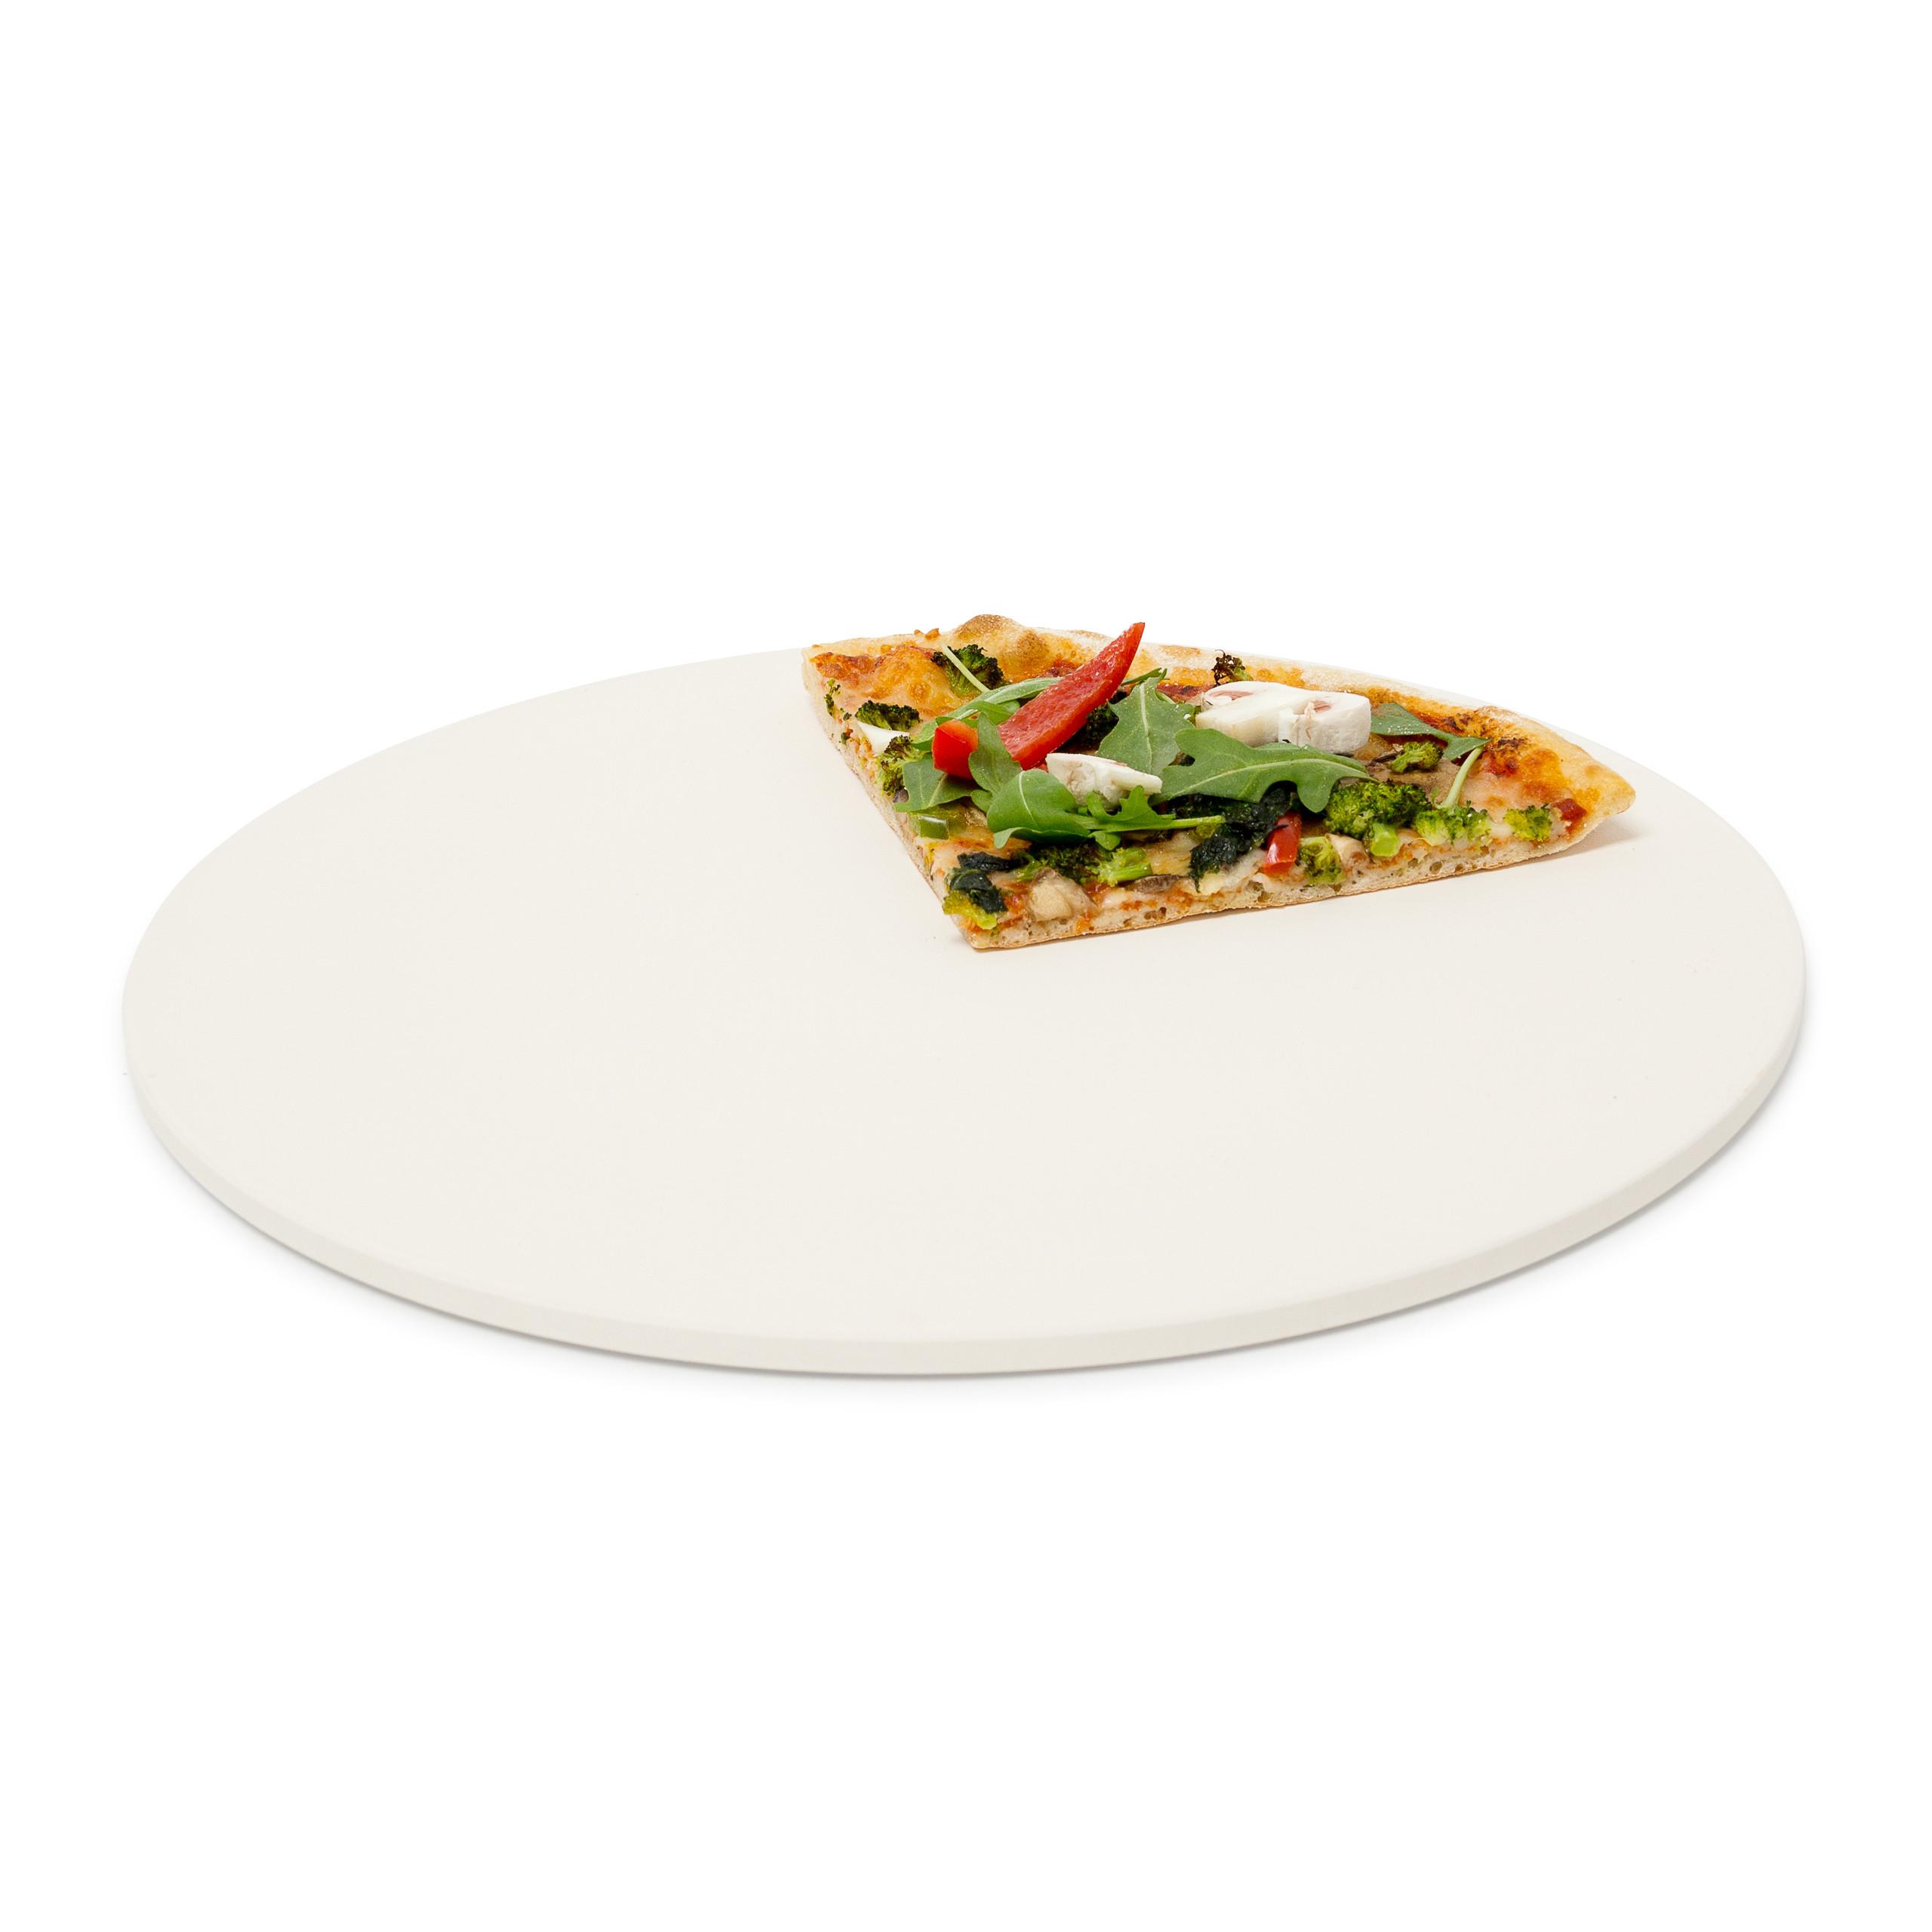 Pizzastein SET Schamottstein ø 33 cm Pizzaschaufel Brotbackstein Pizzaofen Flamm